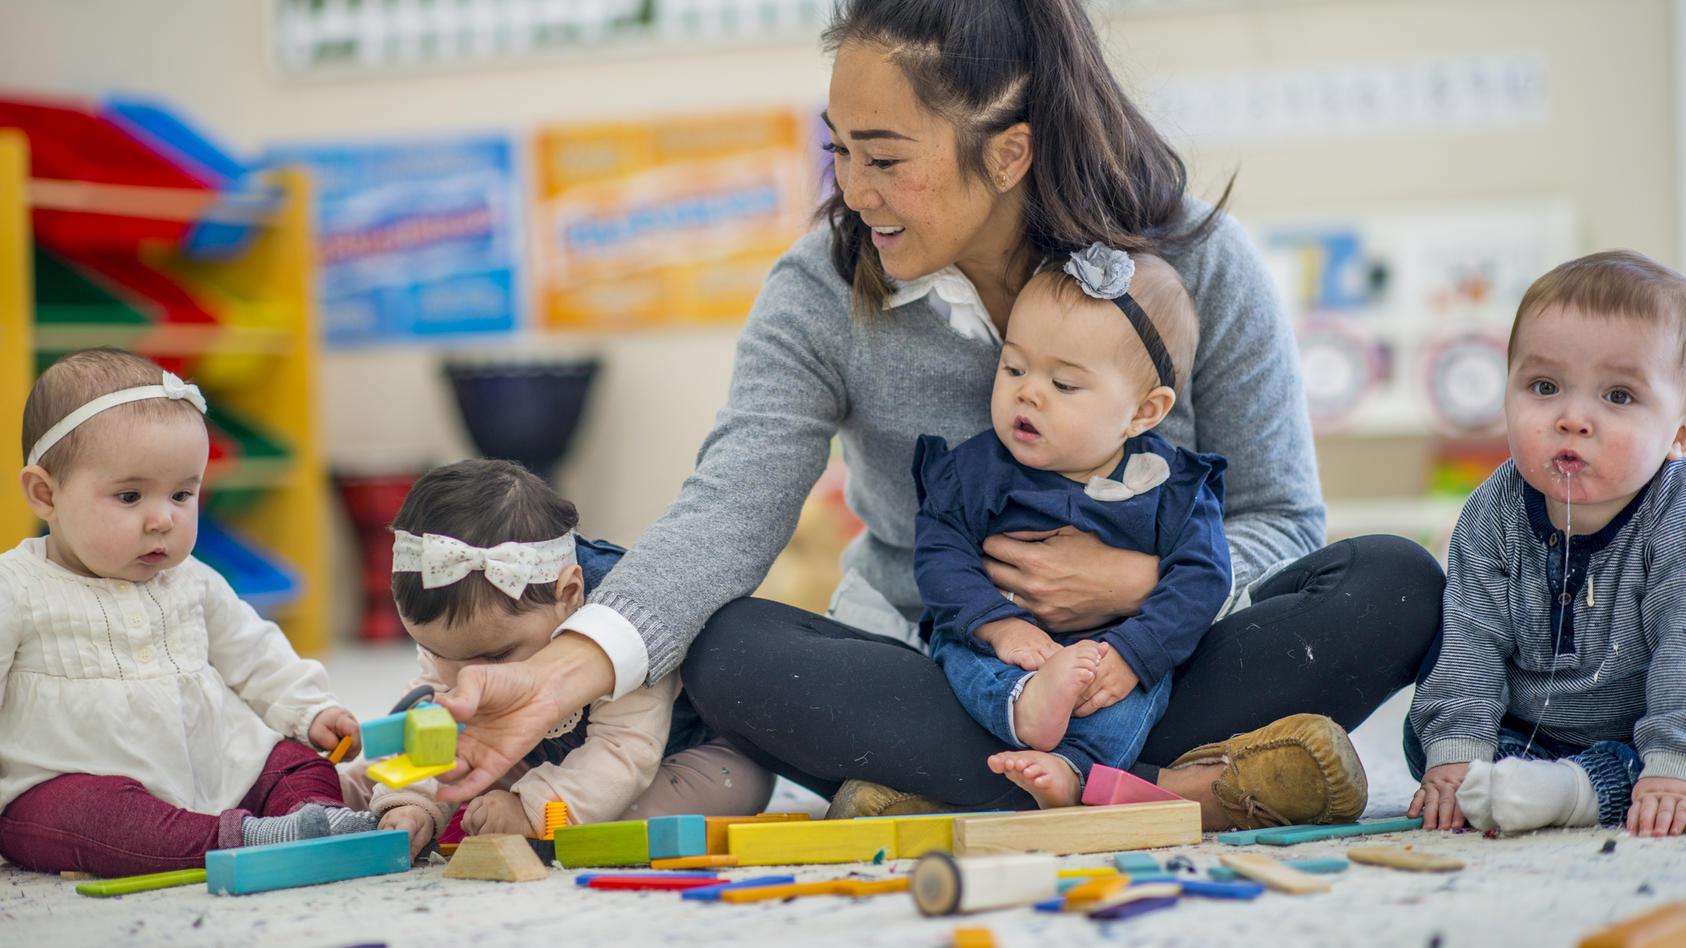 Fördern, aber nicht überfordern: Bei allem Enthusiasmus bei der Babyförderung sollten Eltern darauf achten, dass das Baby nicht überanstrengt wird. Wie Sie Ihr Baby im richtigen Maße fördern können, verraten wir hier.